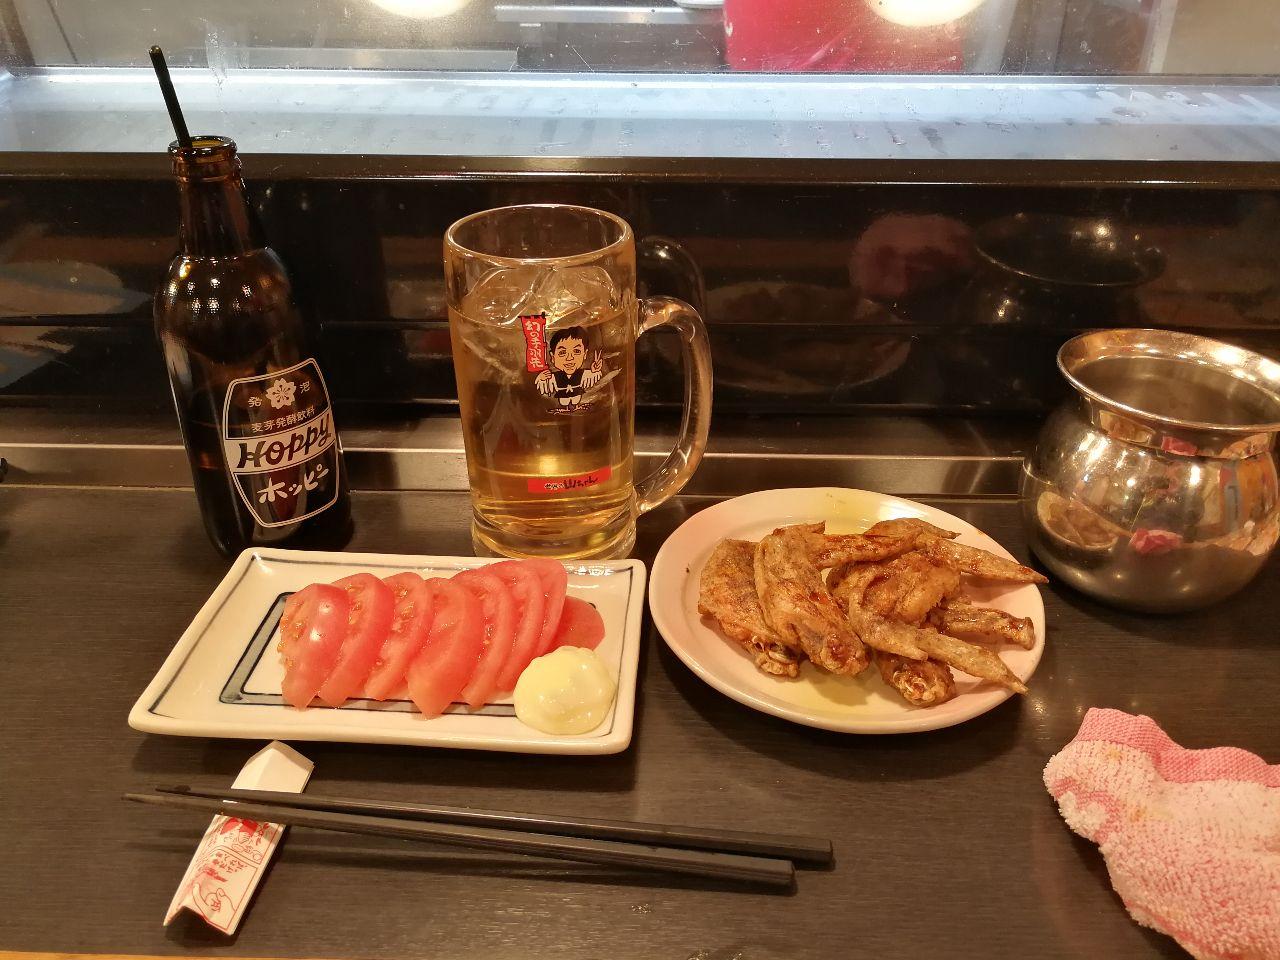 9984 - ソフトバンクグループ(株) 今飲んでいるのは 発祥の地 名古屋の山ちゃんでホッピー飲んでます